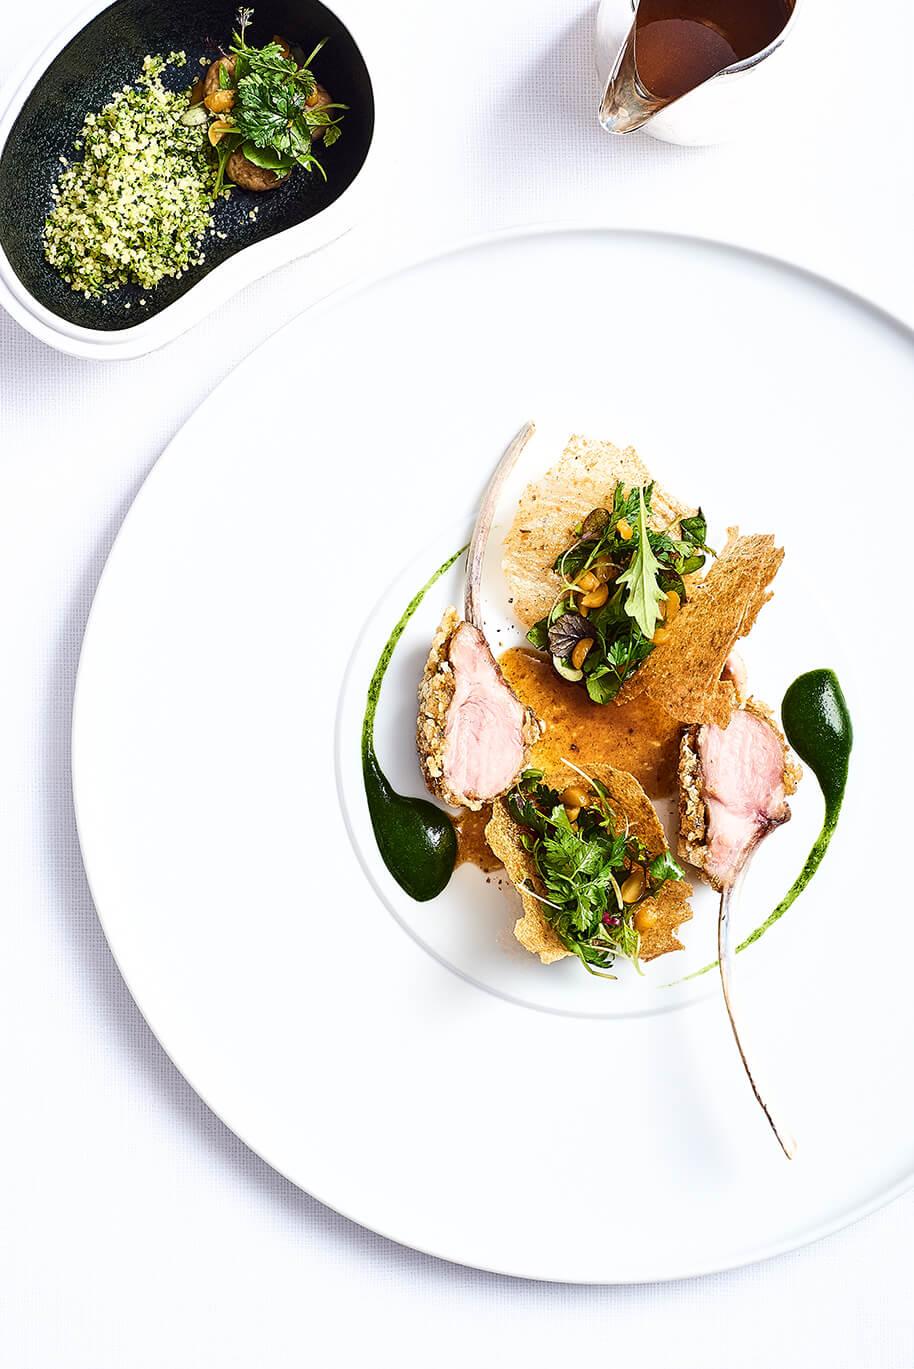 Лучшие рестораны в Париже, которые вы должны попробовать во время Maison et Objet! Лучшие рестораны в Париже Лучшие рестораны в Париже, которые вы должны попробовать во время Maison et Objet! Лучшие рестораны в Париже, которые вы должны попробовать во время Maison et Objet 4